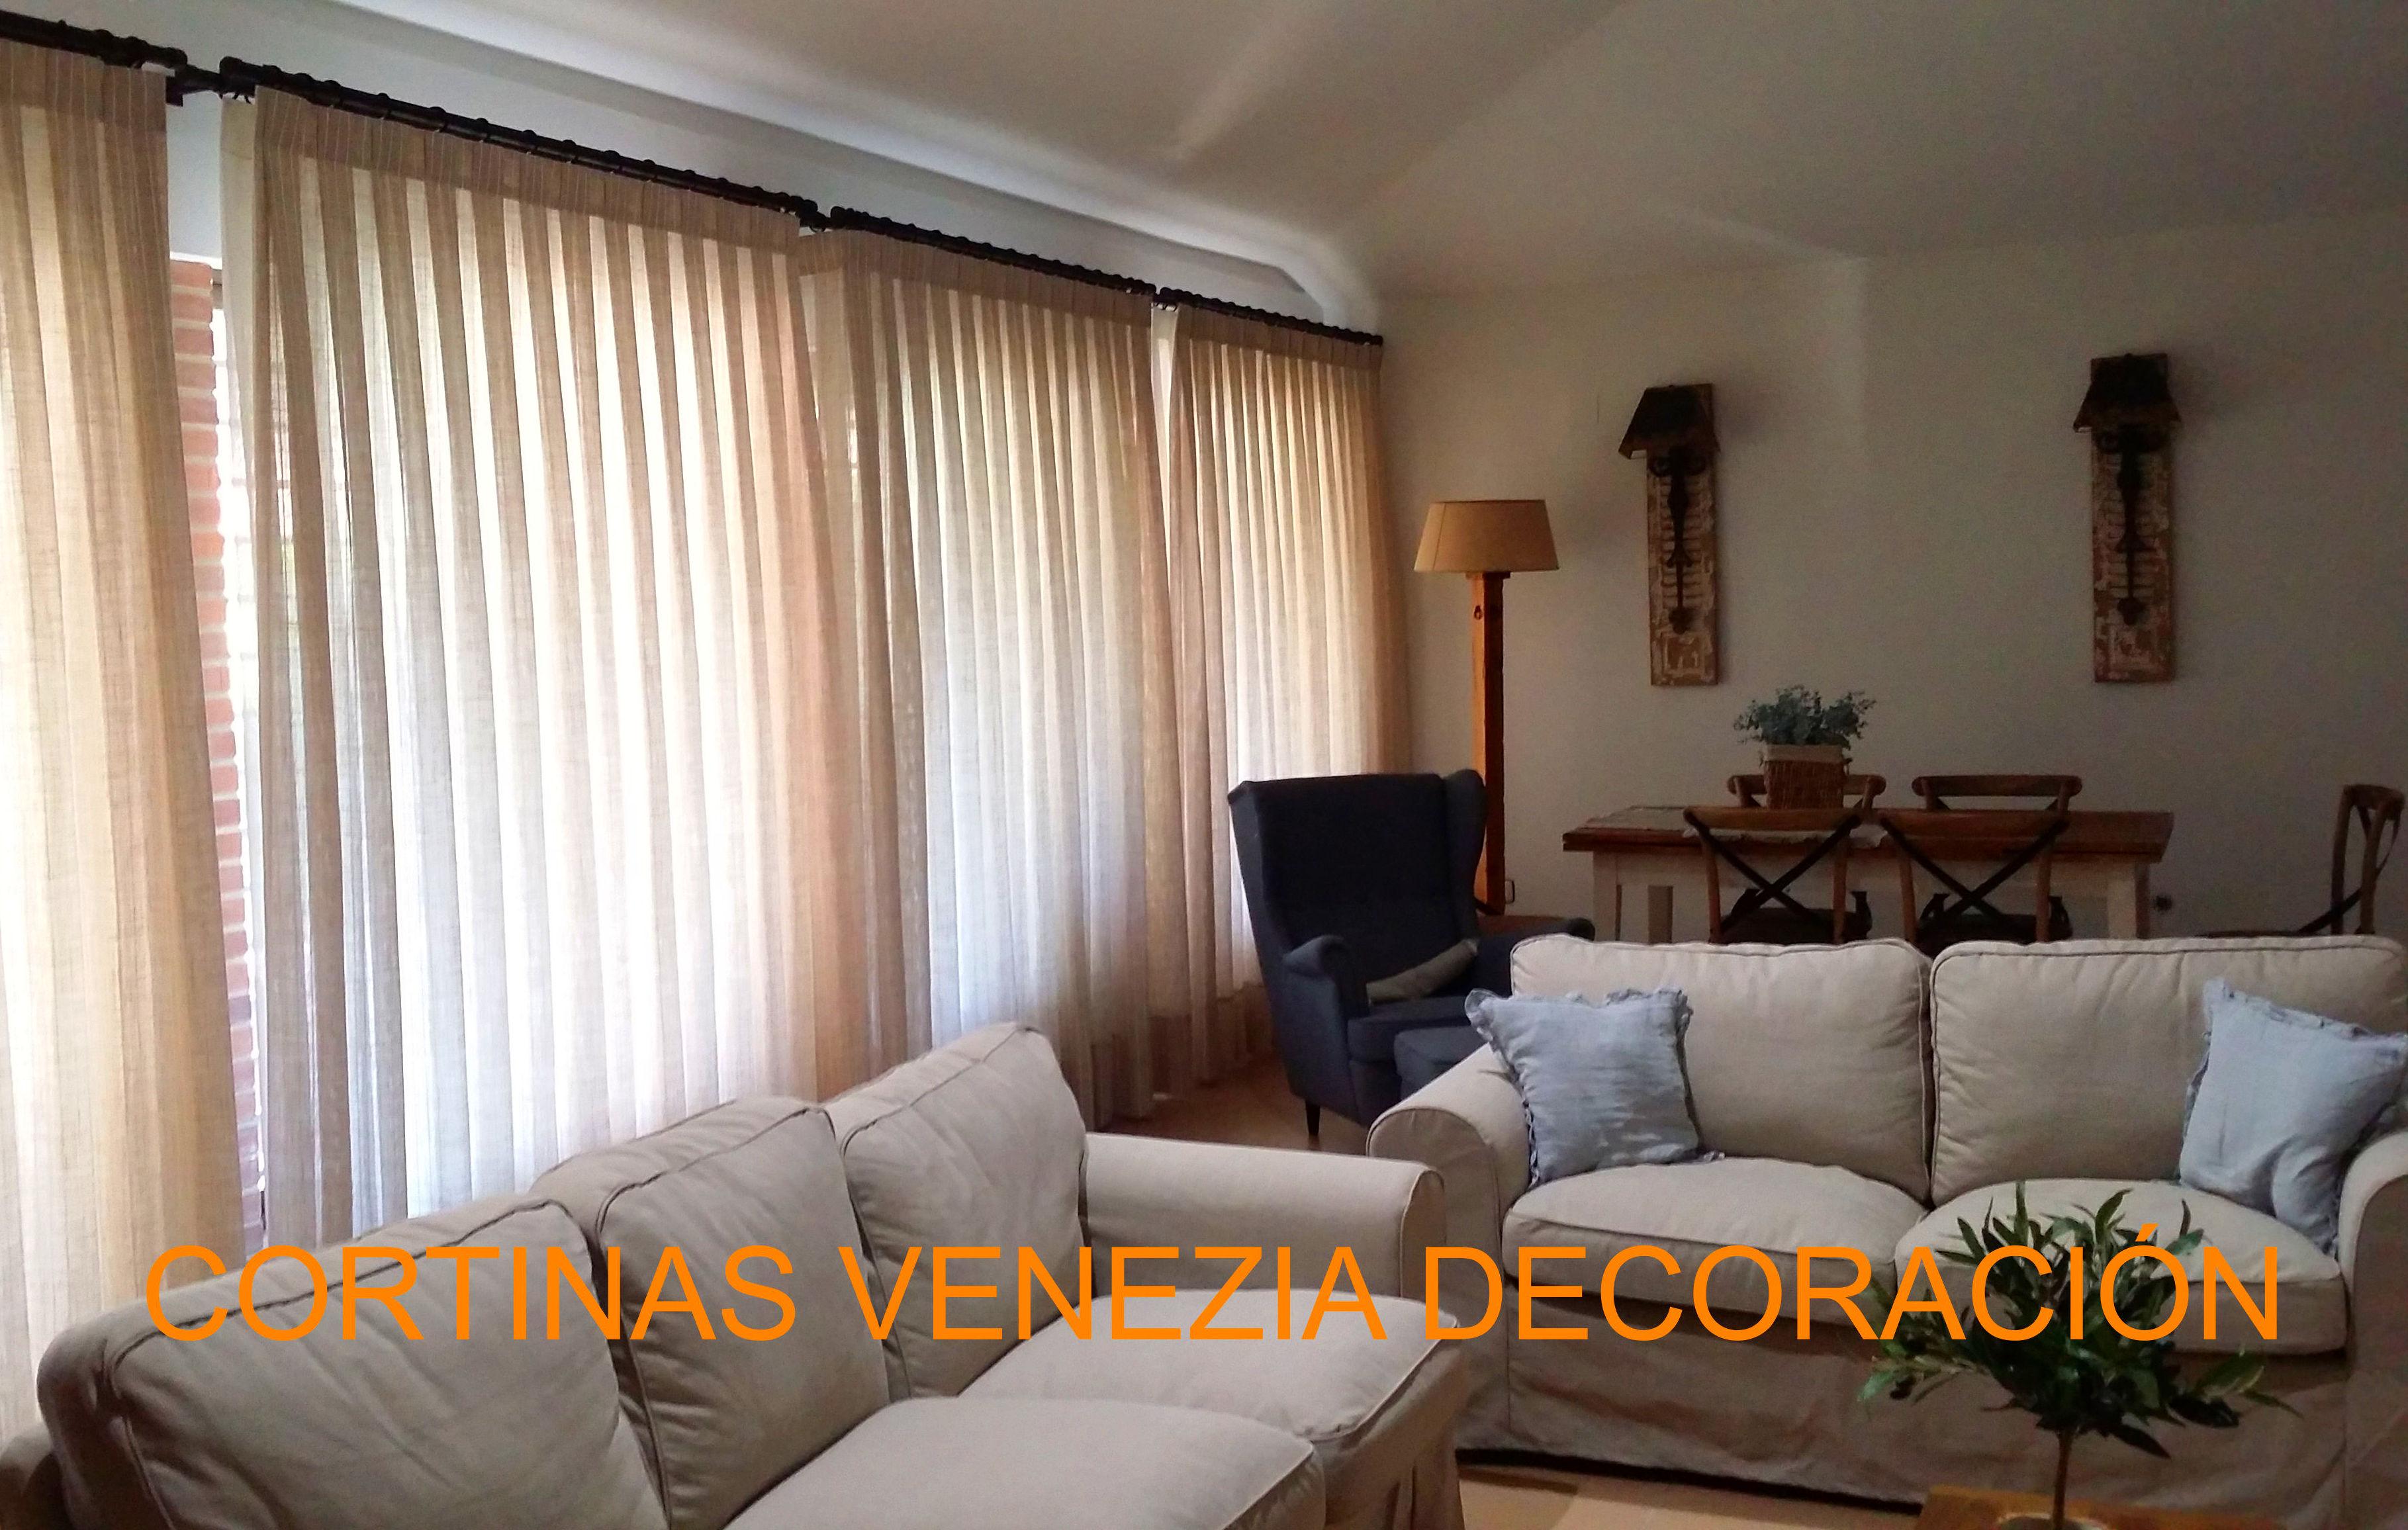 Foto 22 de Cortinas en Albacete | Venezia Decoración